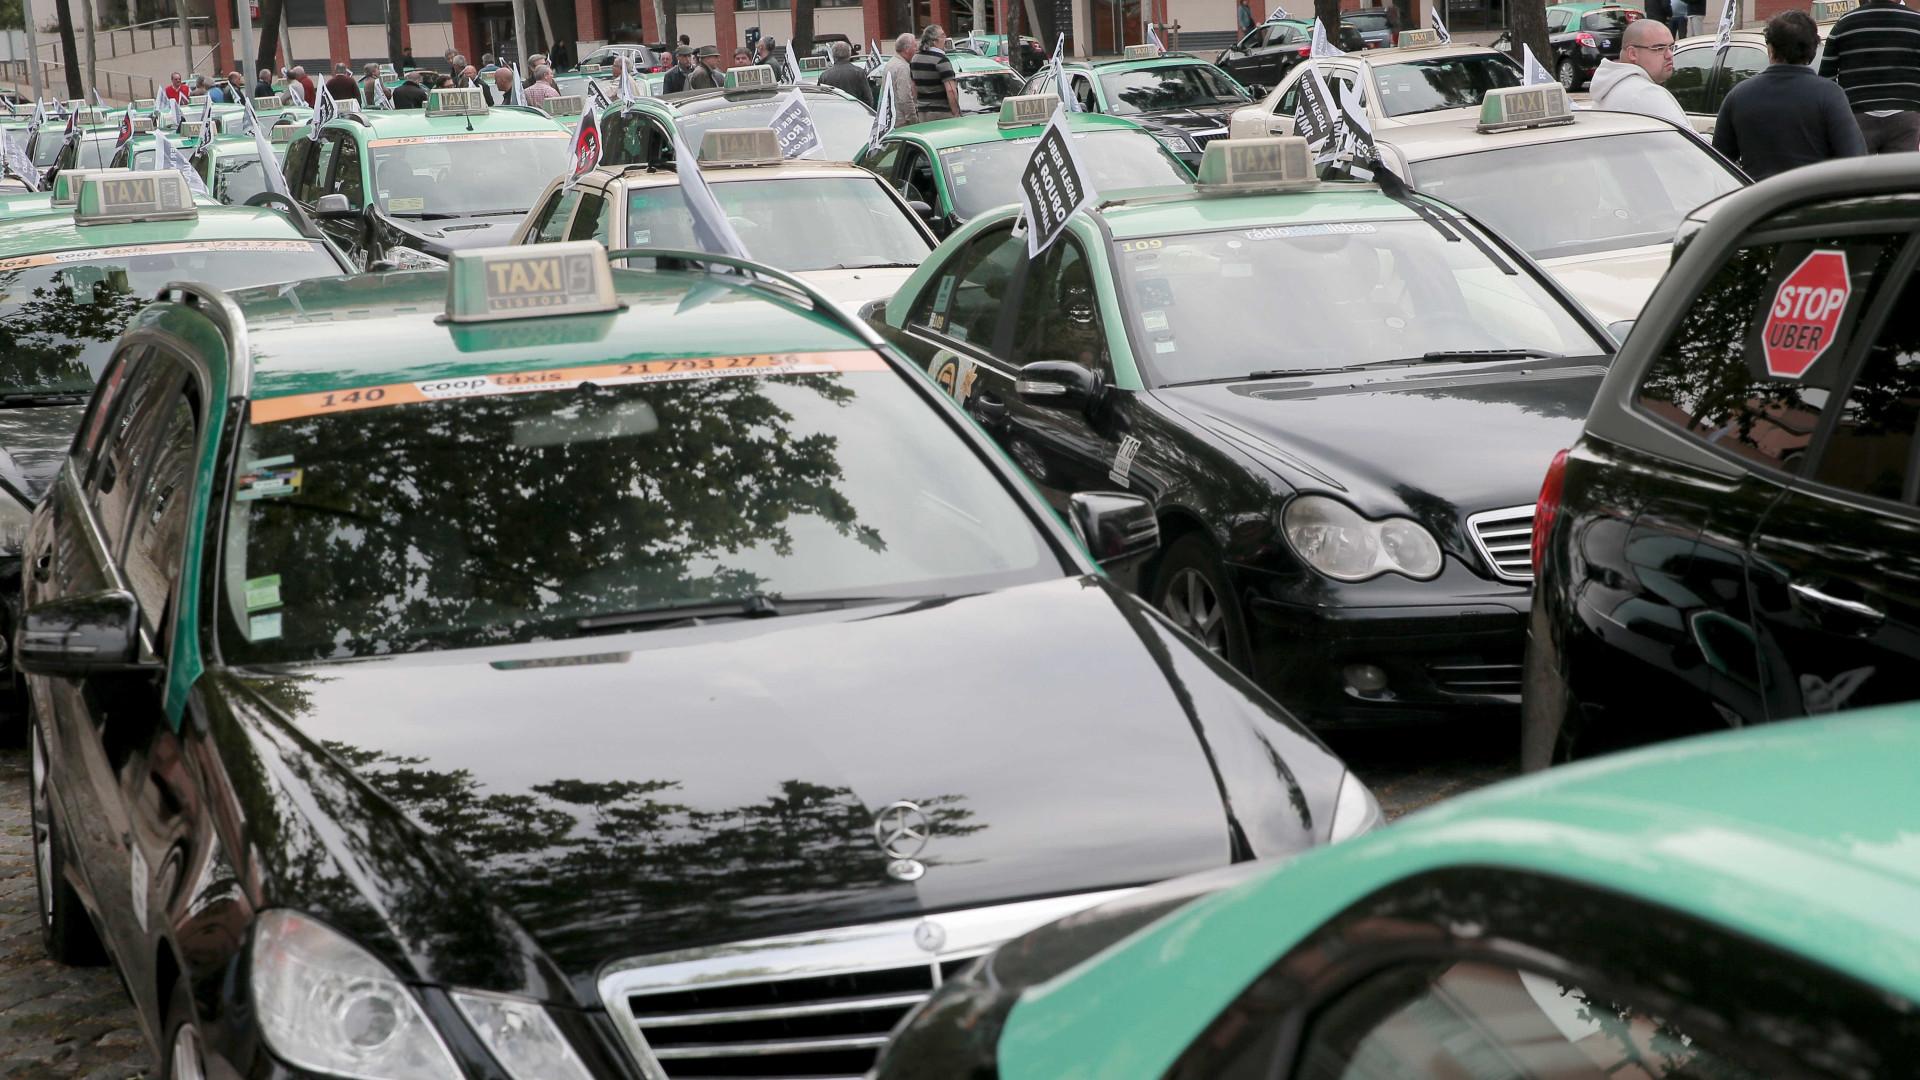 Atenção, hoje é dia de manifestação de taxistas em Lisboa, Porto e Faro